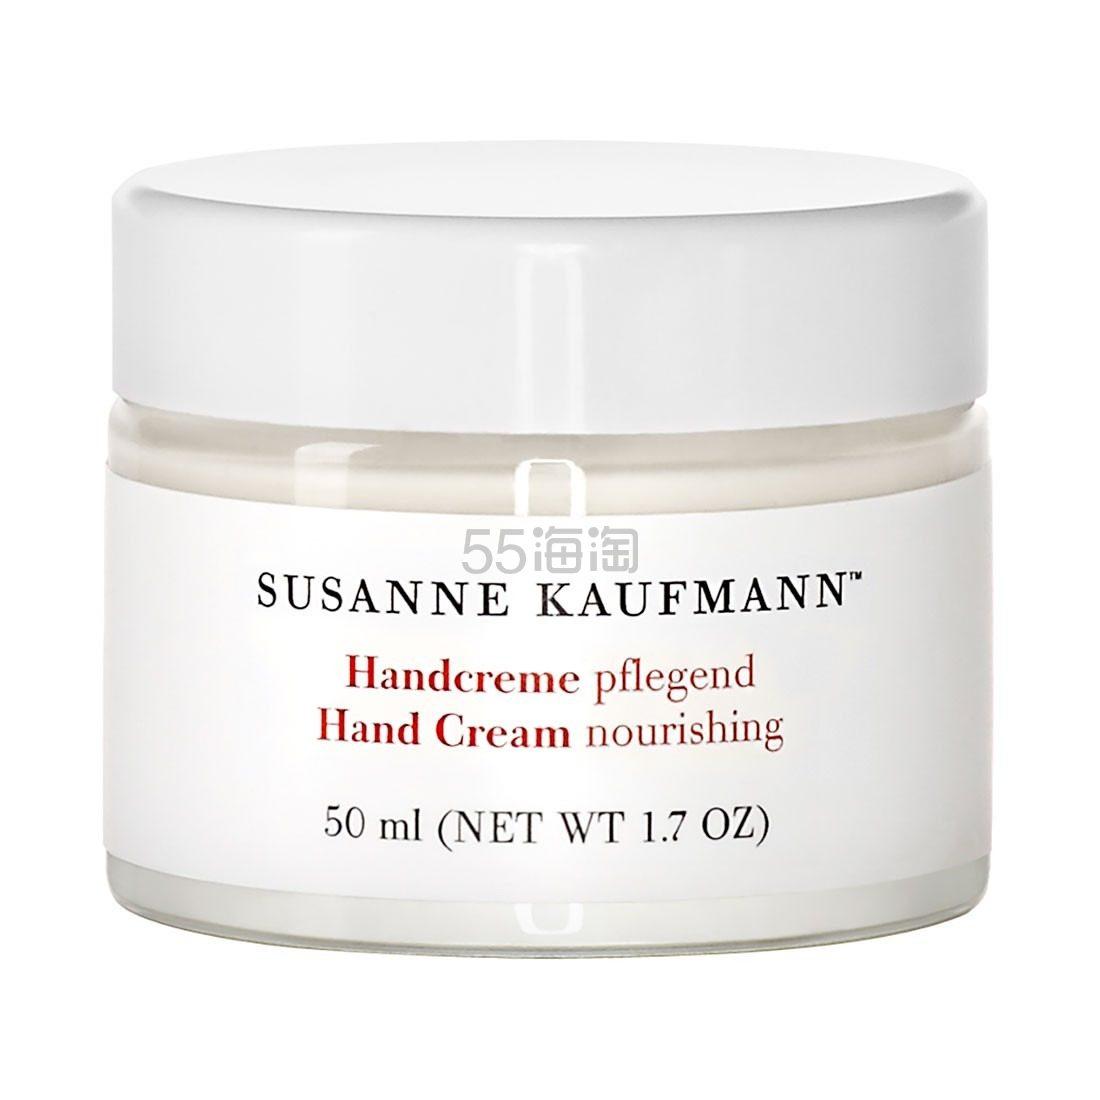 奥地利国宝品牌 Susanne Kaufmann 护手霜 50ml £23.33(约207元) - 海淘优惠海淘折扣 55海淘网